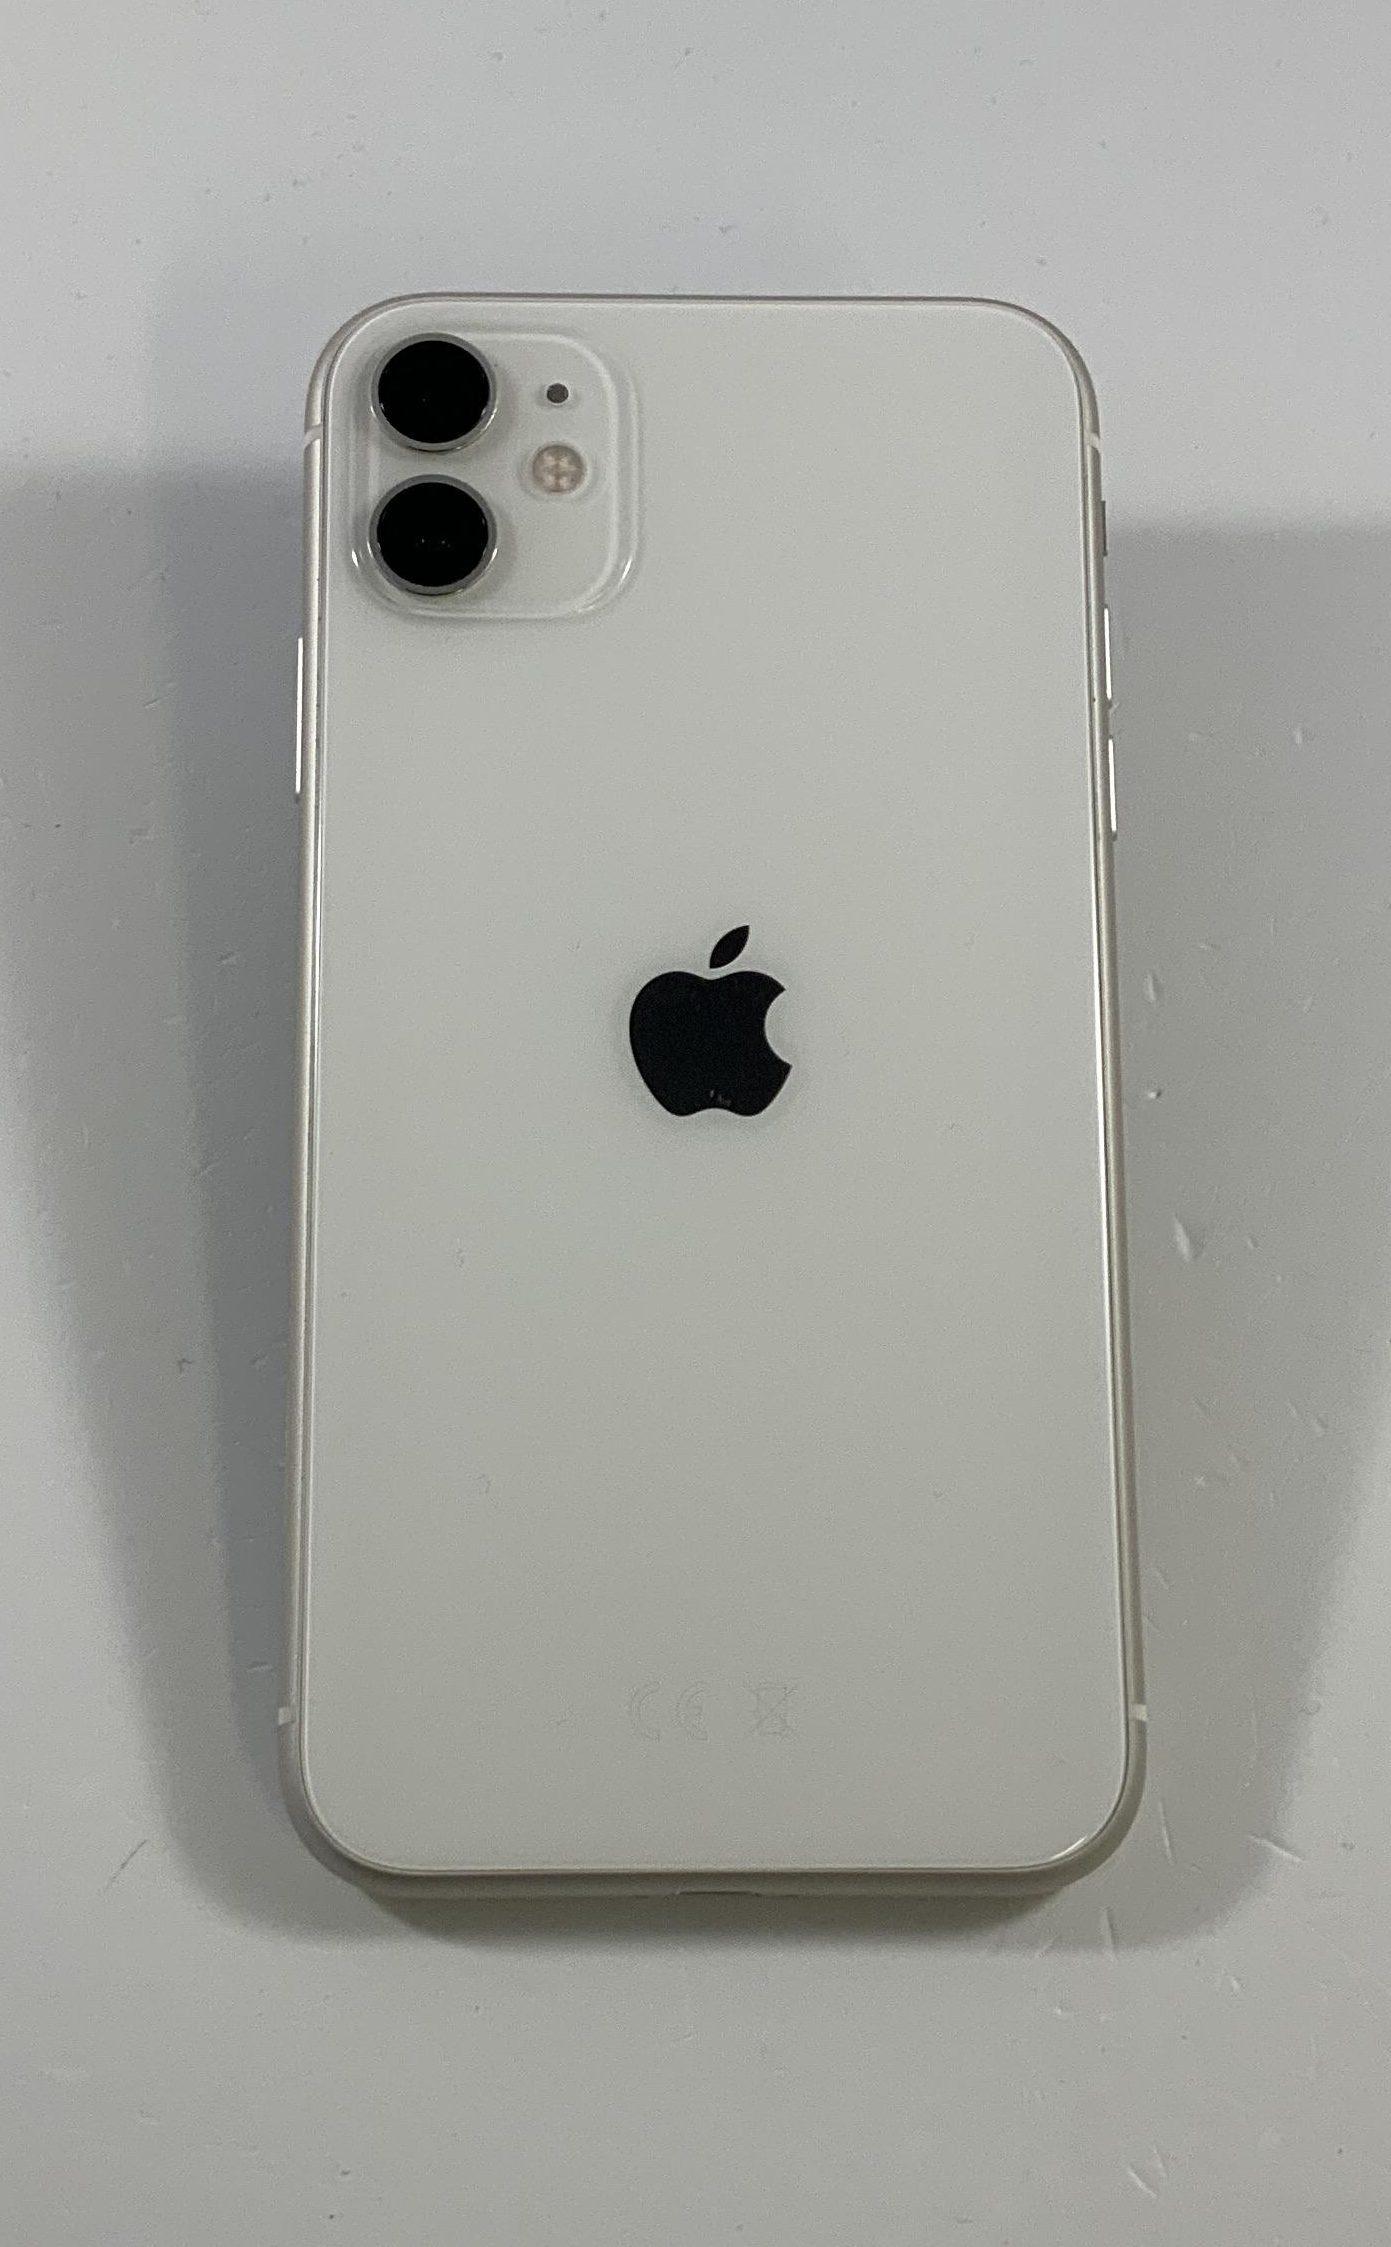 iPhone 11 64GB, 64GB, White, imagen 2